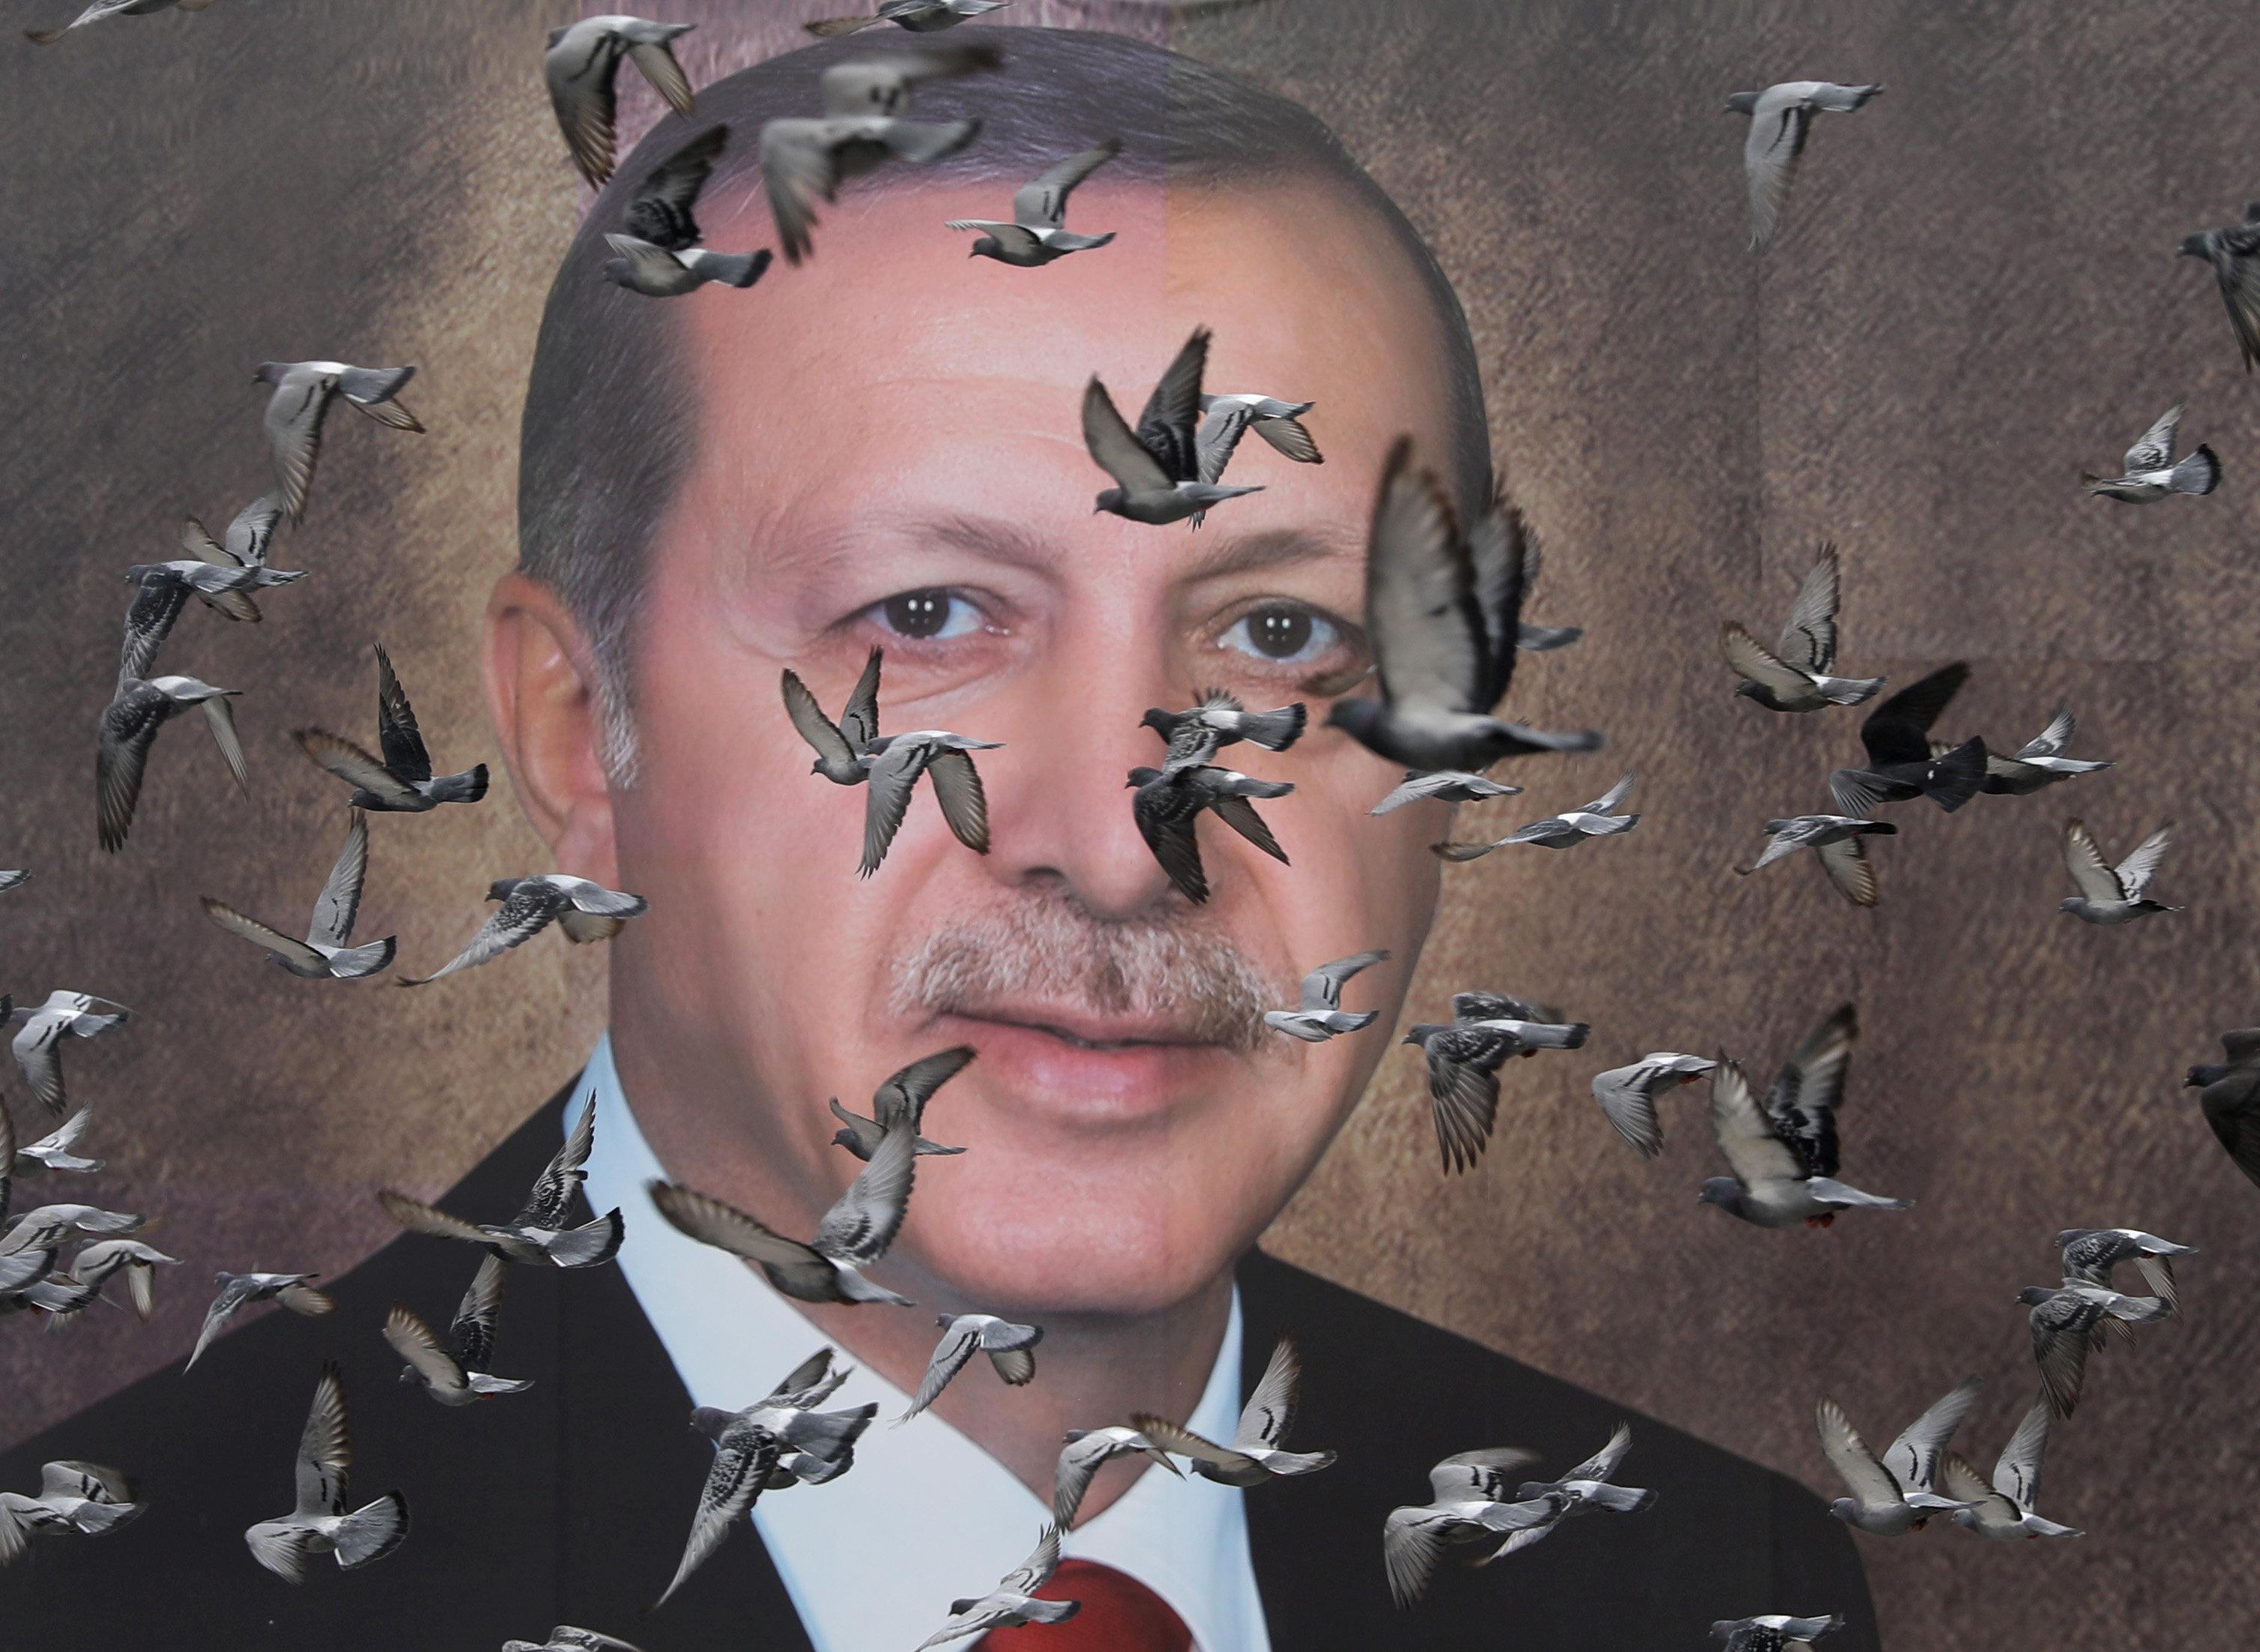 Την ακύρωση των εκλογών στην Κωνσταντινούπολη ζητά επισήμως το κόμμα του